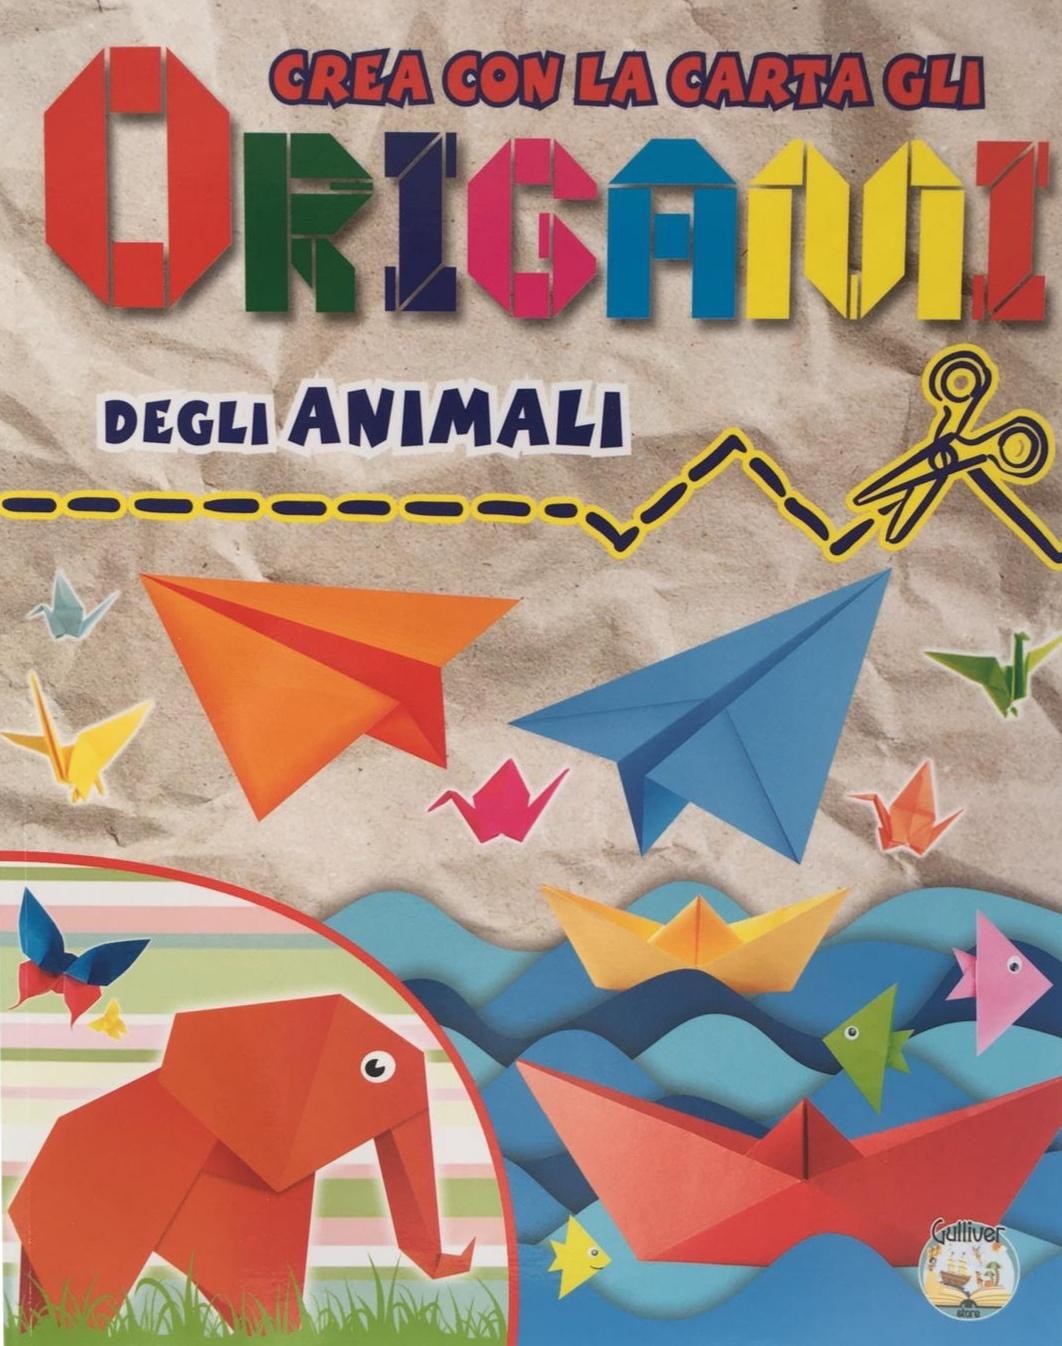 ORIGAMI DEGLI ANIMALI - Spacebook.it - lo store dei libri online